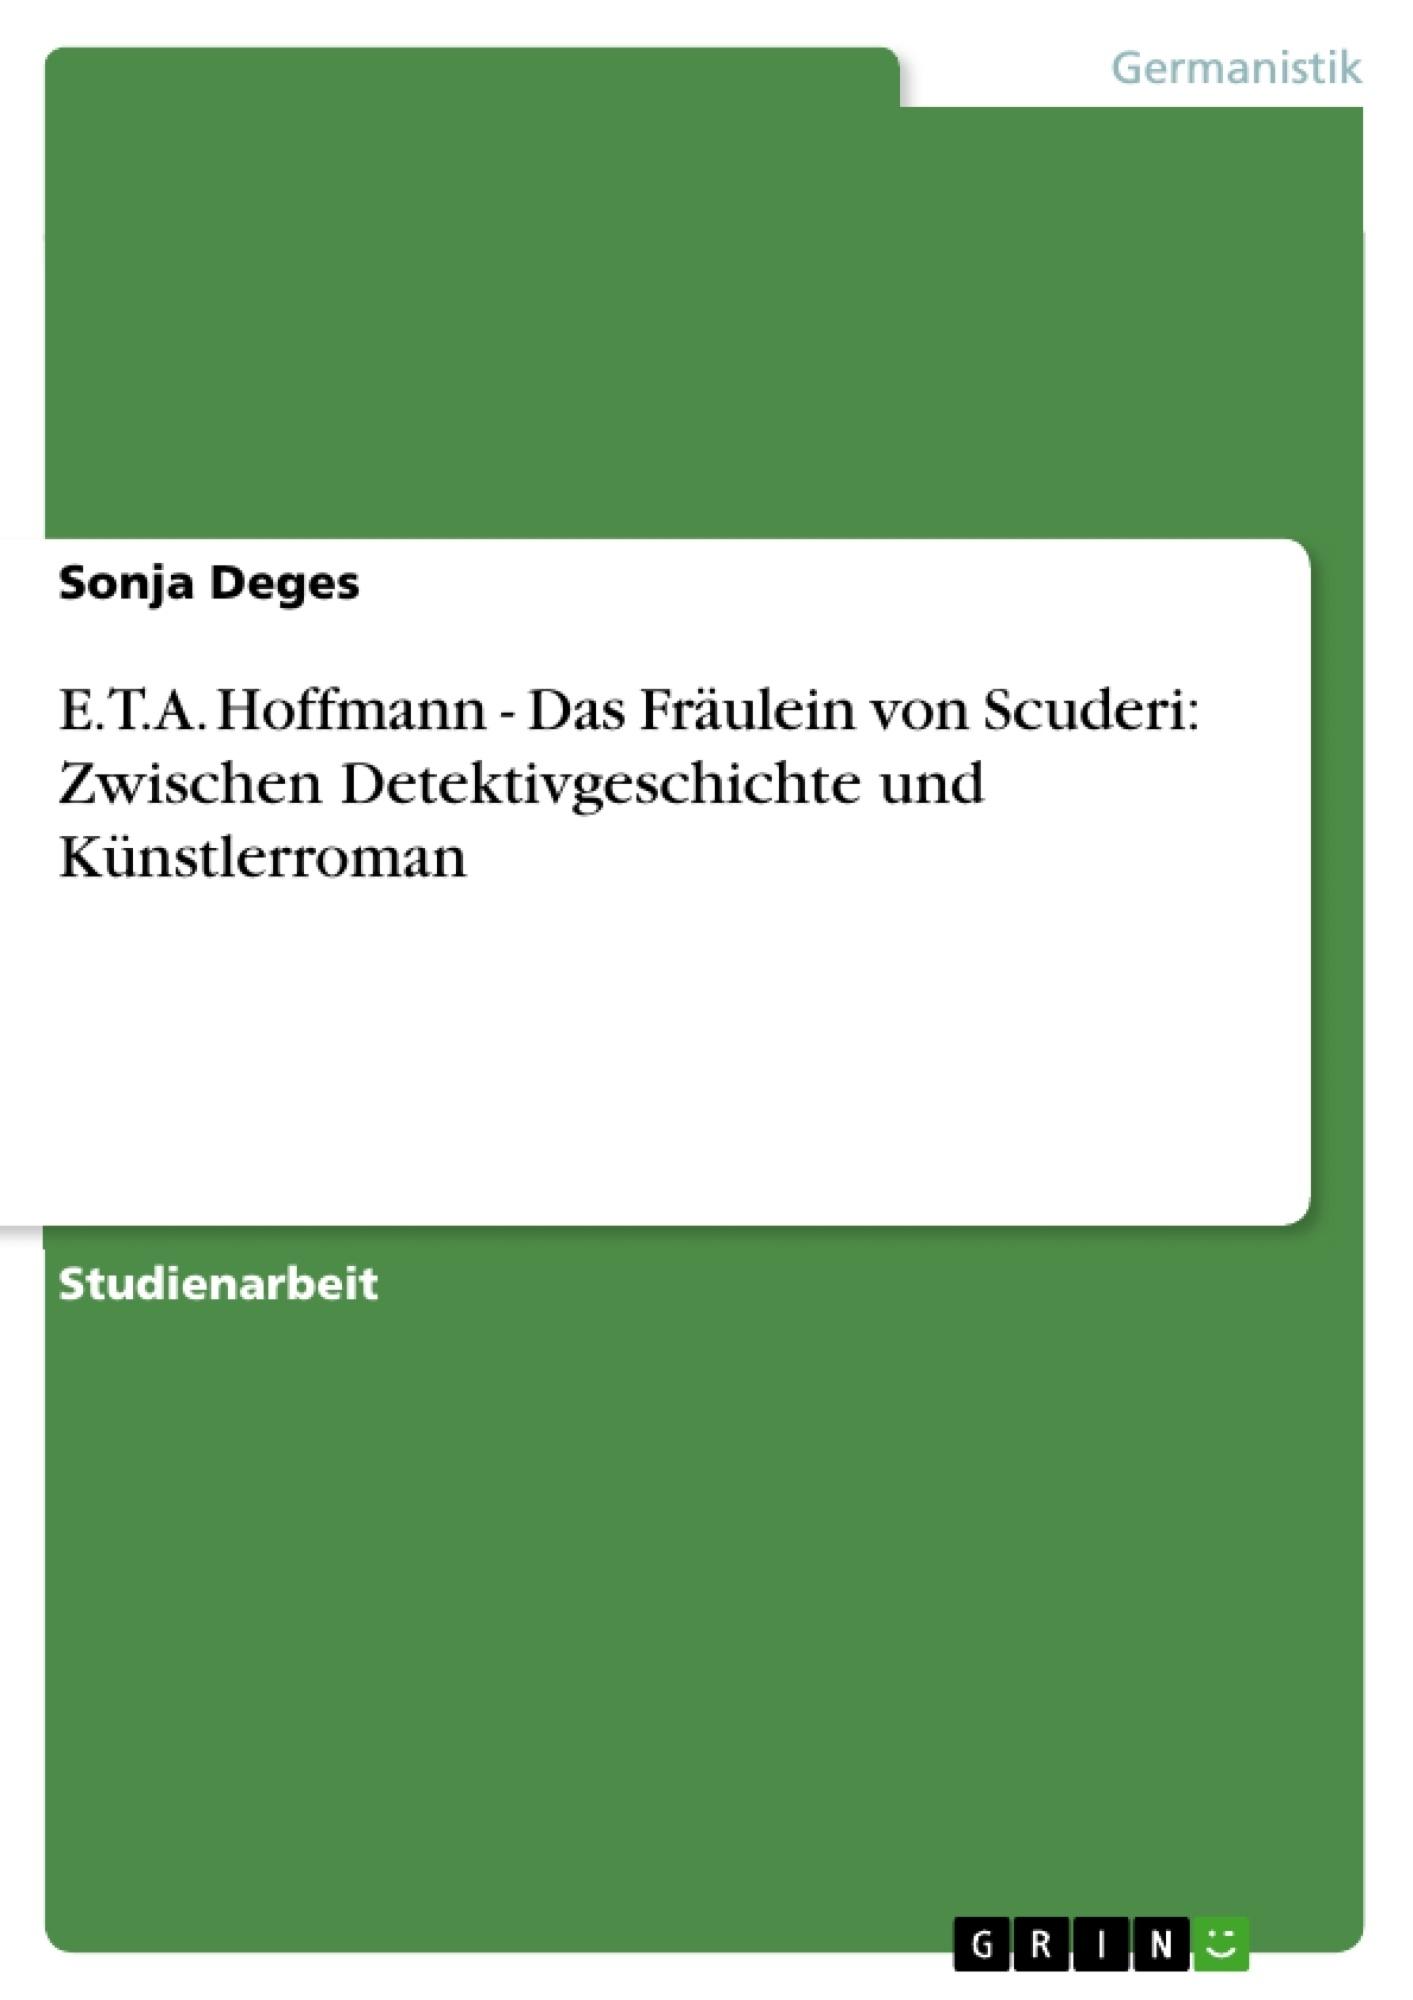 Titel: E.T.A. Hoffmann - Das Fräulein von Scuderi: Zwischen Detektivgeschichte und Künstlerroman